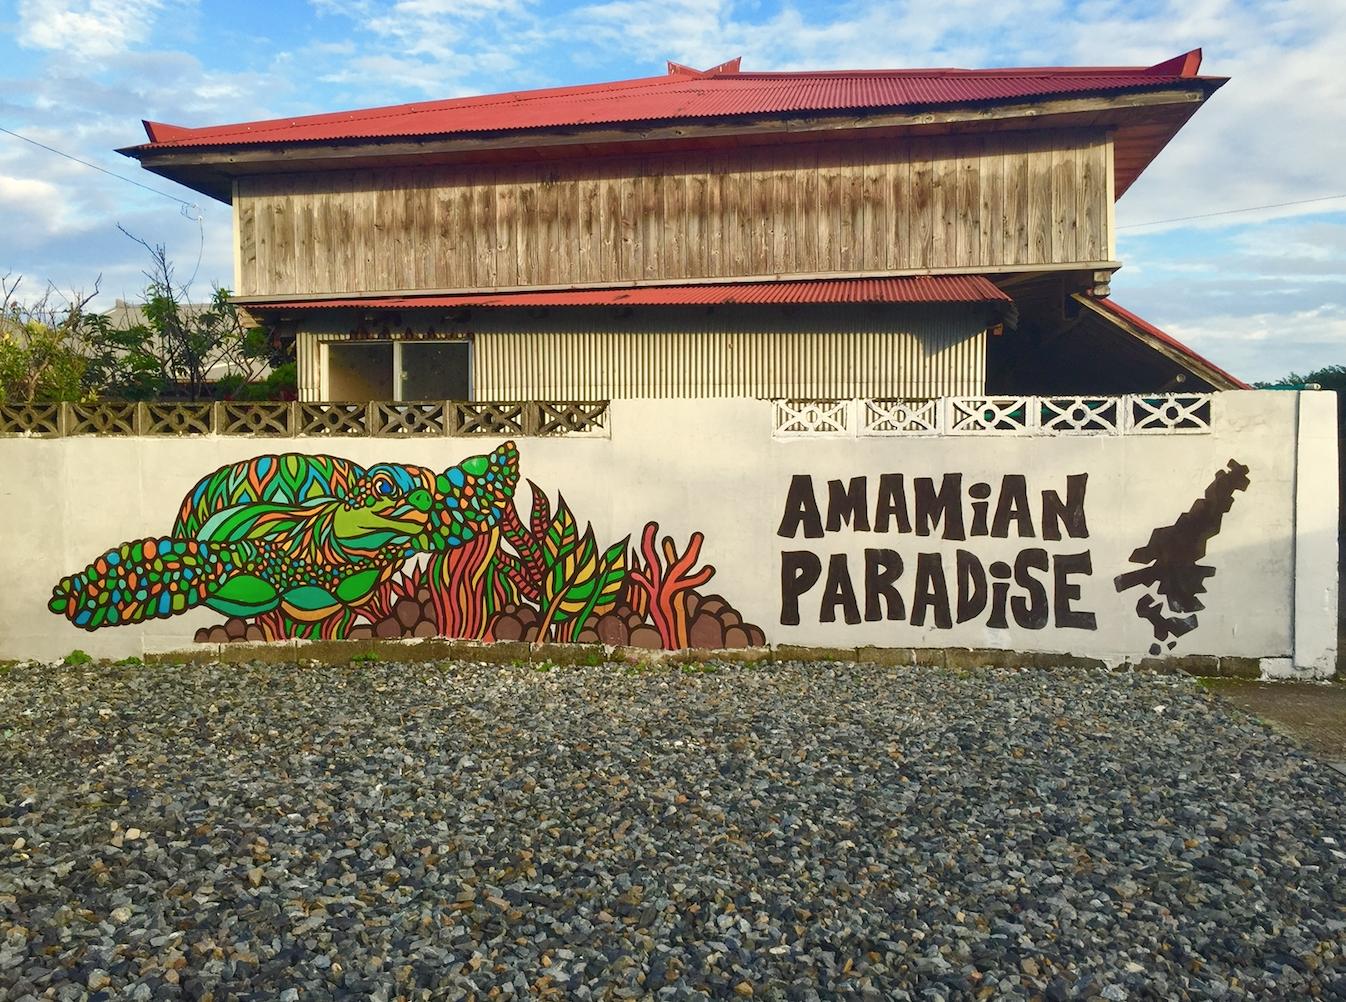 AMAMIAN PARADISE